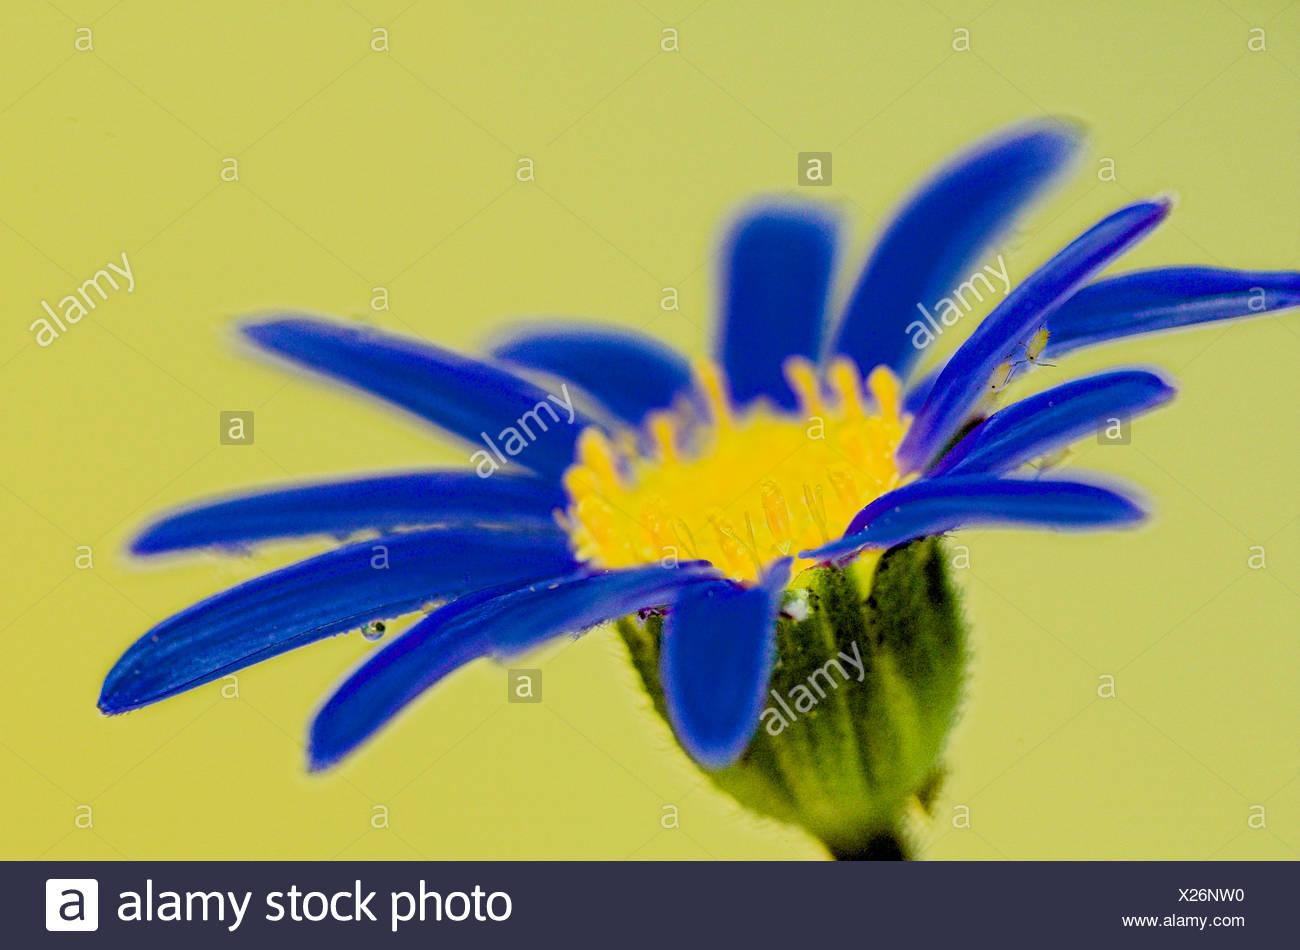 Charmant Blumengarten Färbung Bilder Fotos - Malvorlagen-Ideen ...